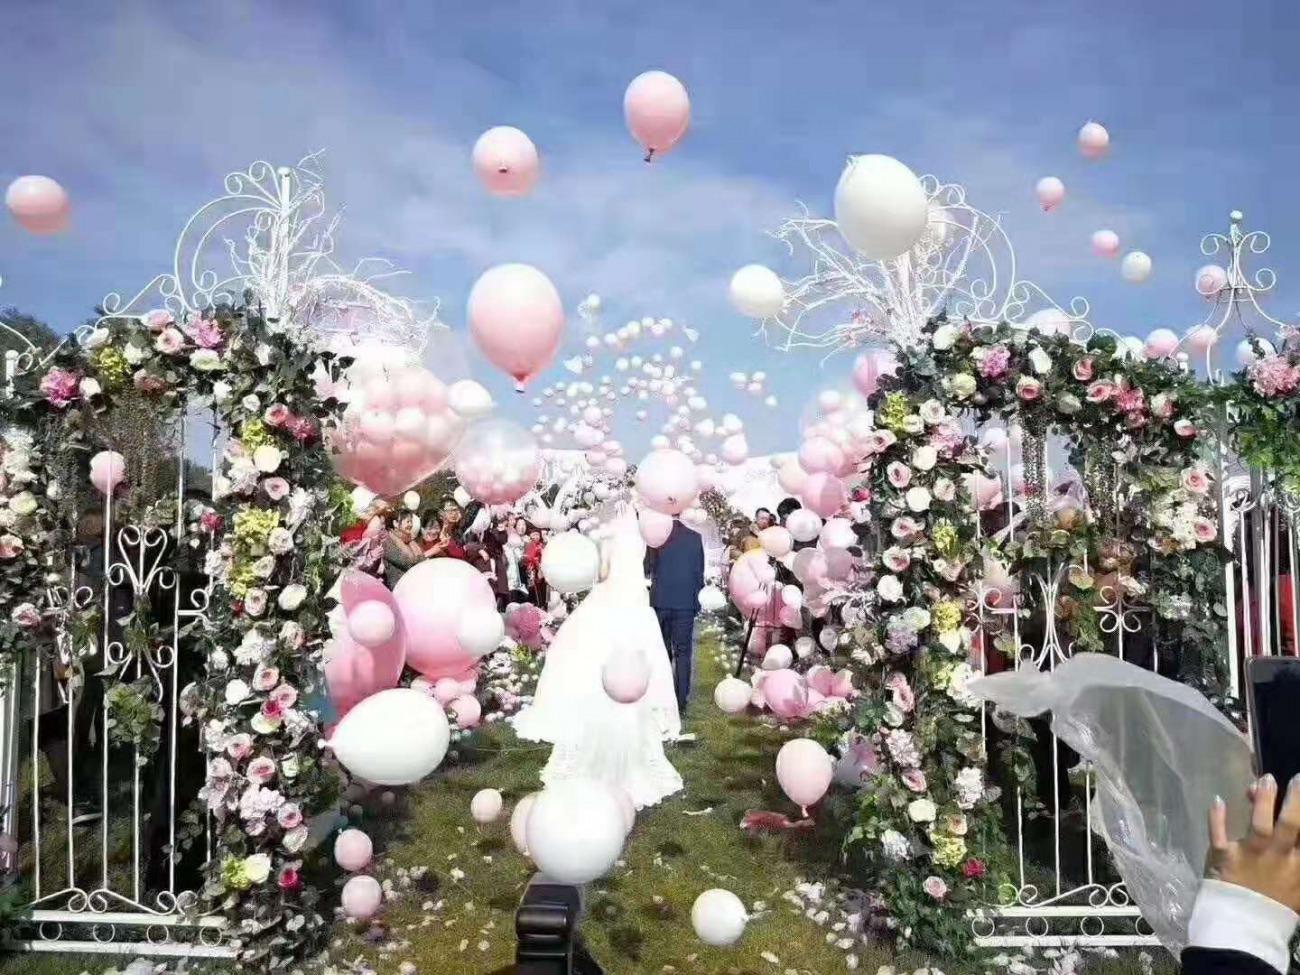 苏州筑展气球装饰布置婚礼求婚告白天爆球地爆球